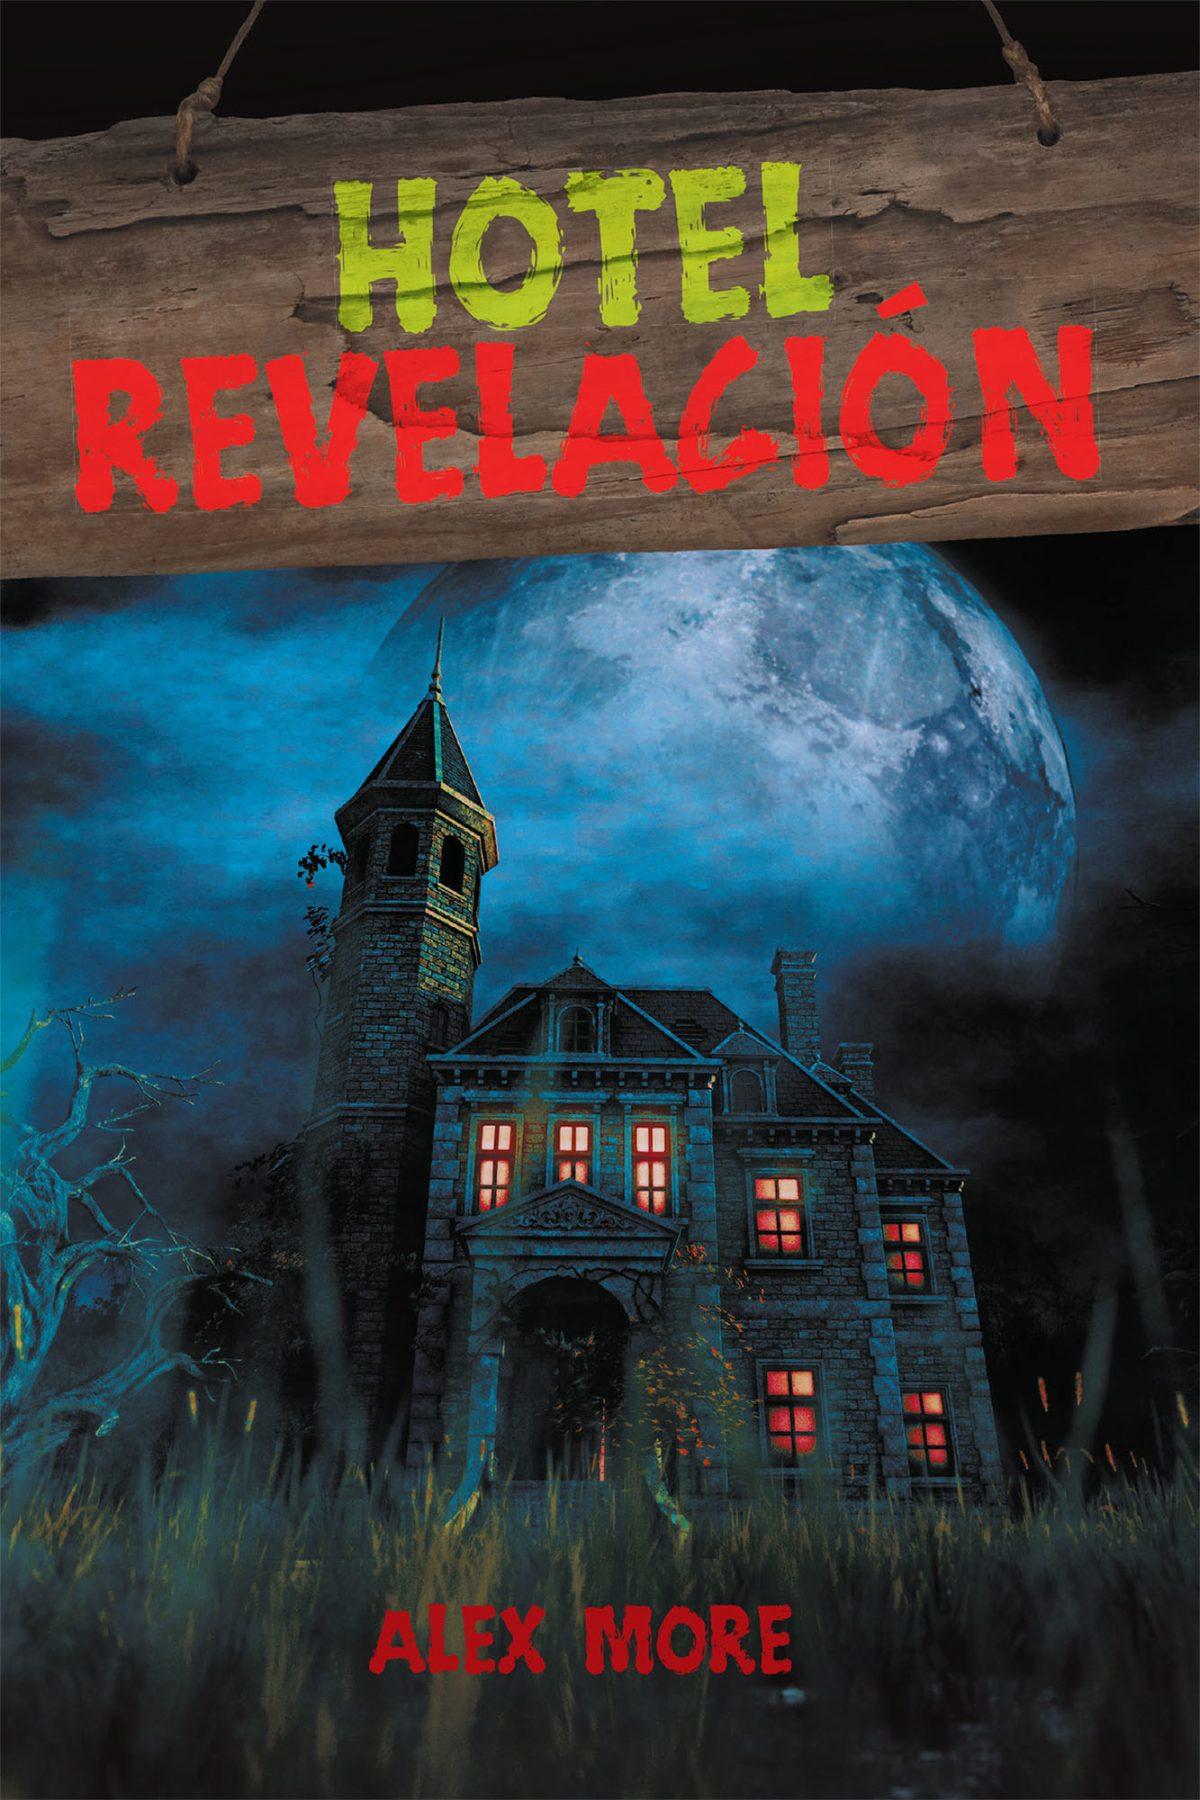 El nuevo libro de Alex More, Hotel Revelación, una historia que relata la experiencia de una pareja, y como atraviesan situaciones increíbles para alcanzar su objetivo